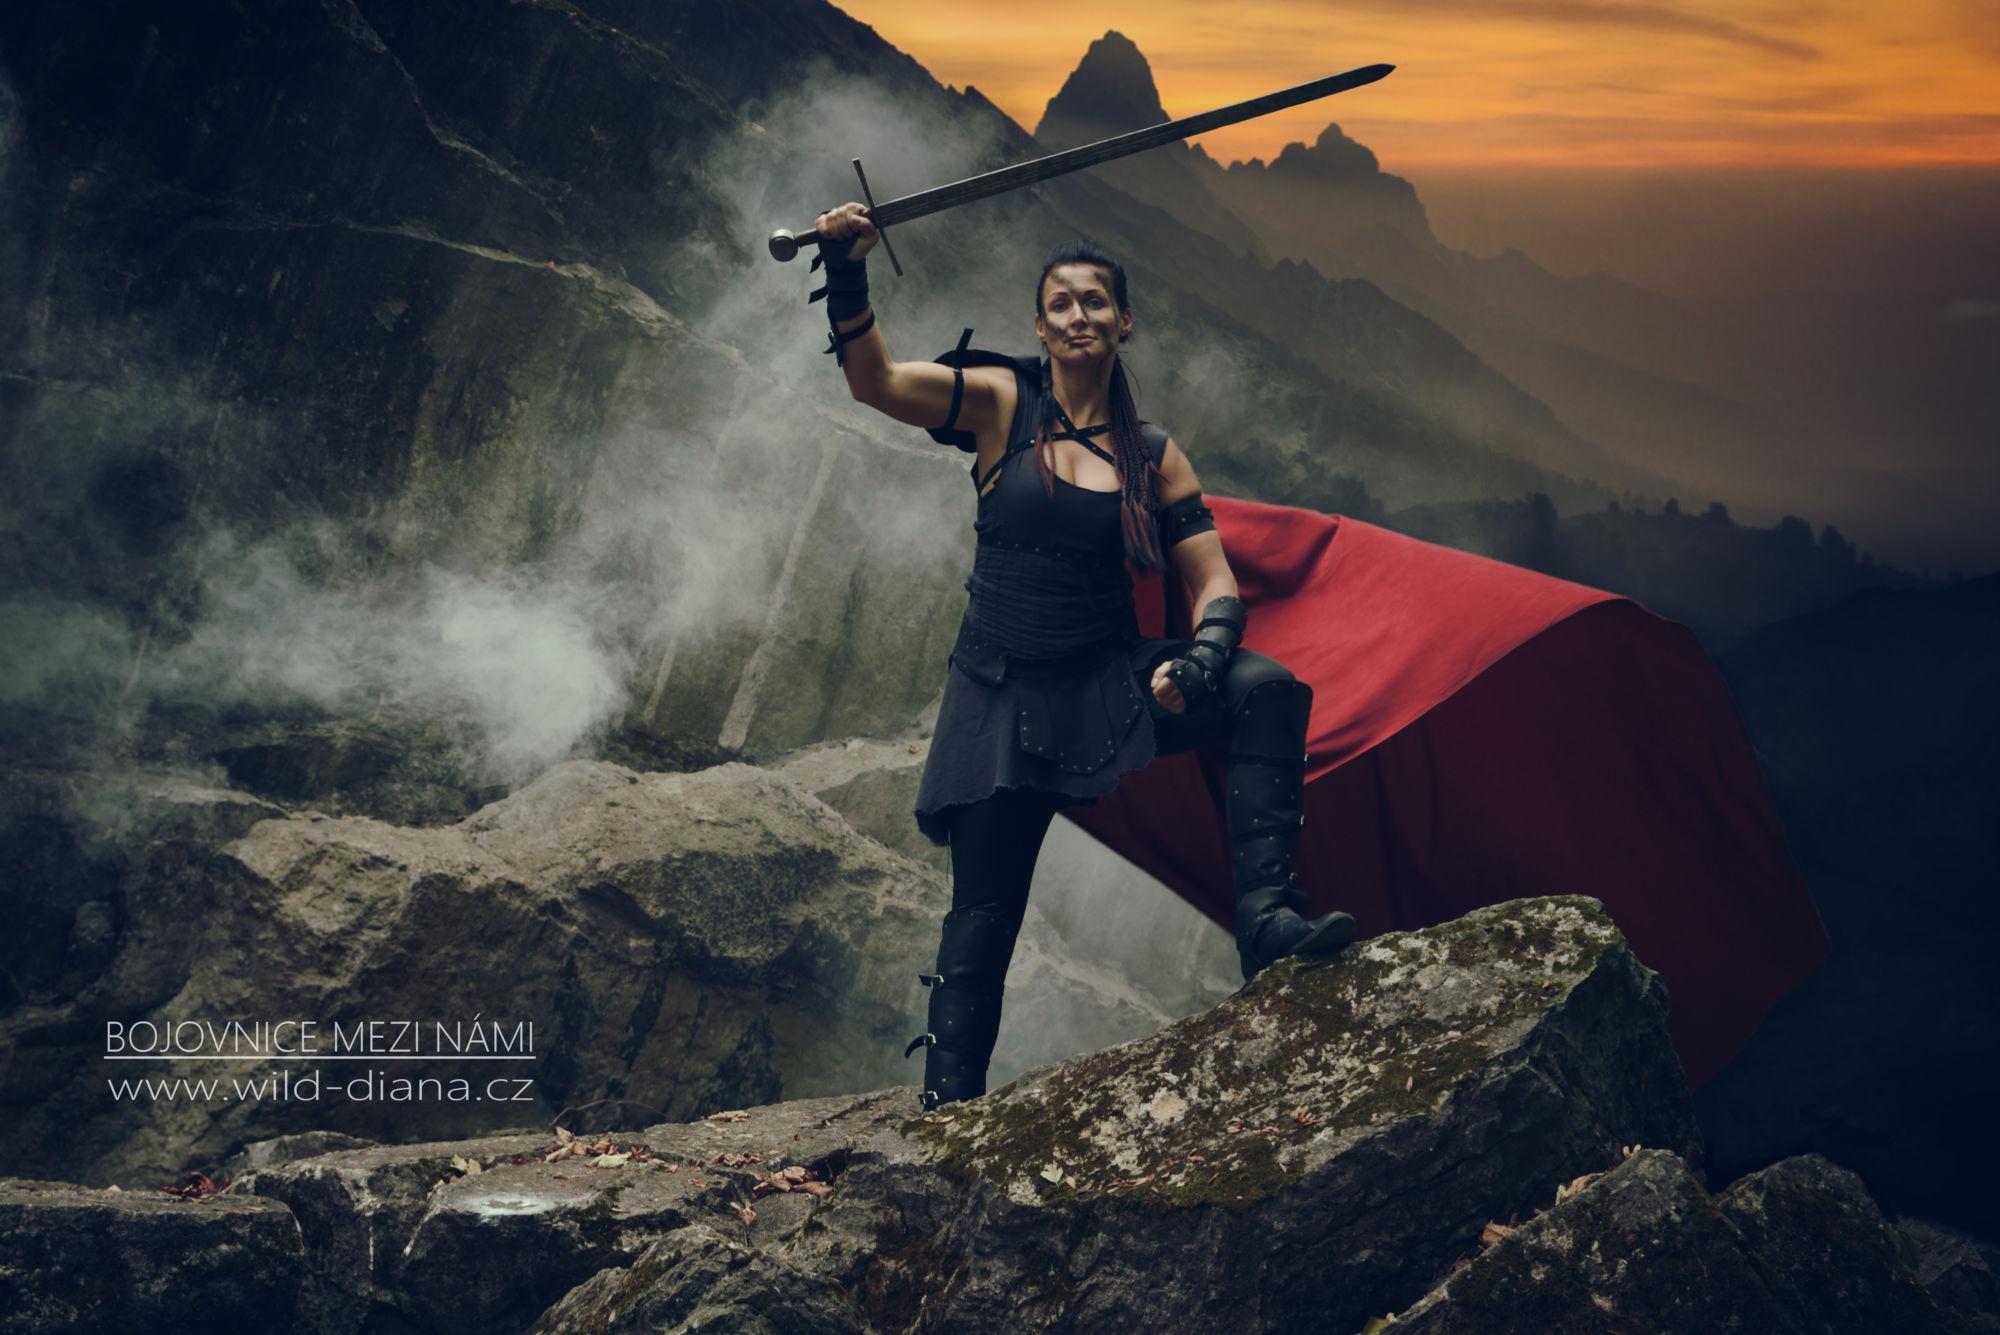 bojovnice-nevzdavej-se